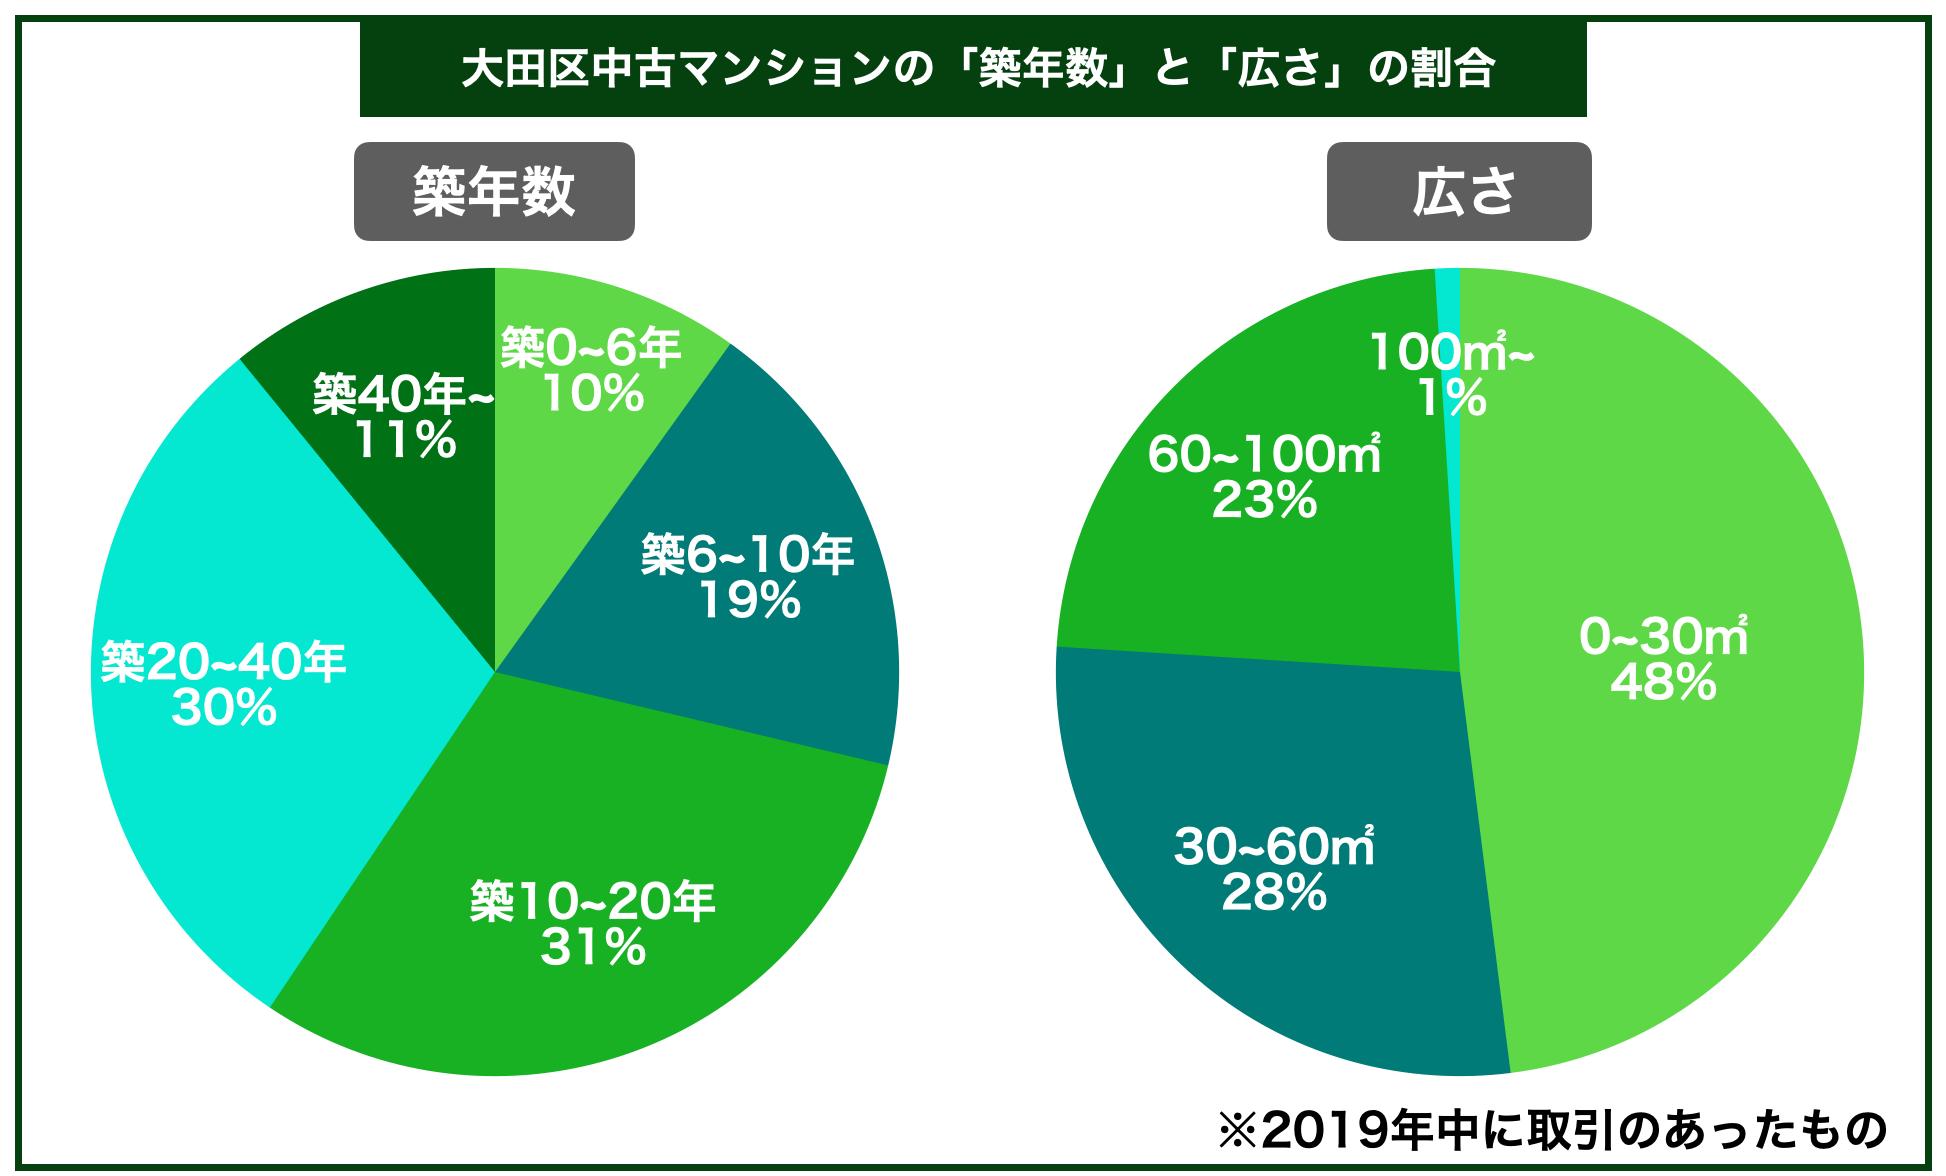 大田区中古マンション築年数広さ割合